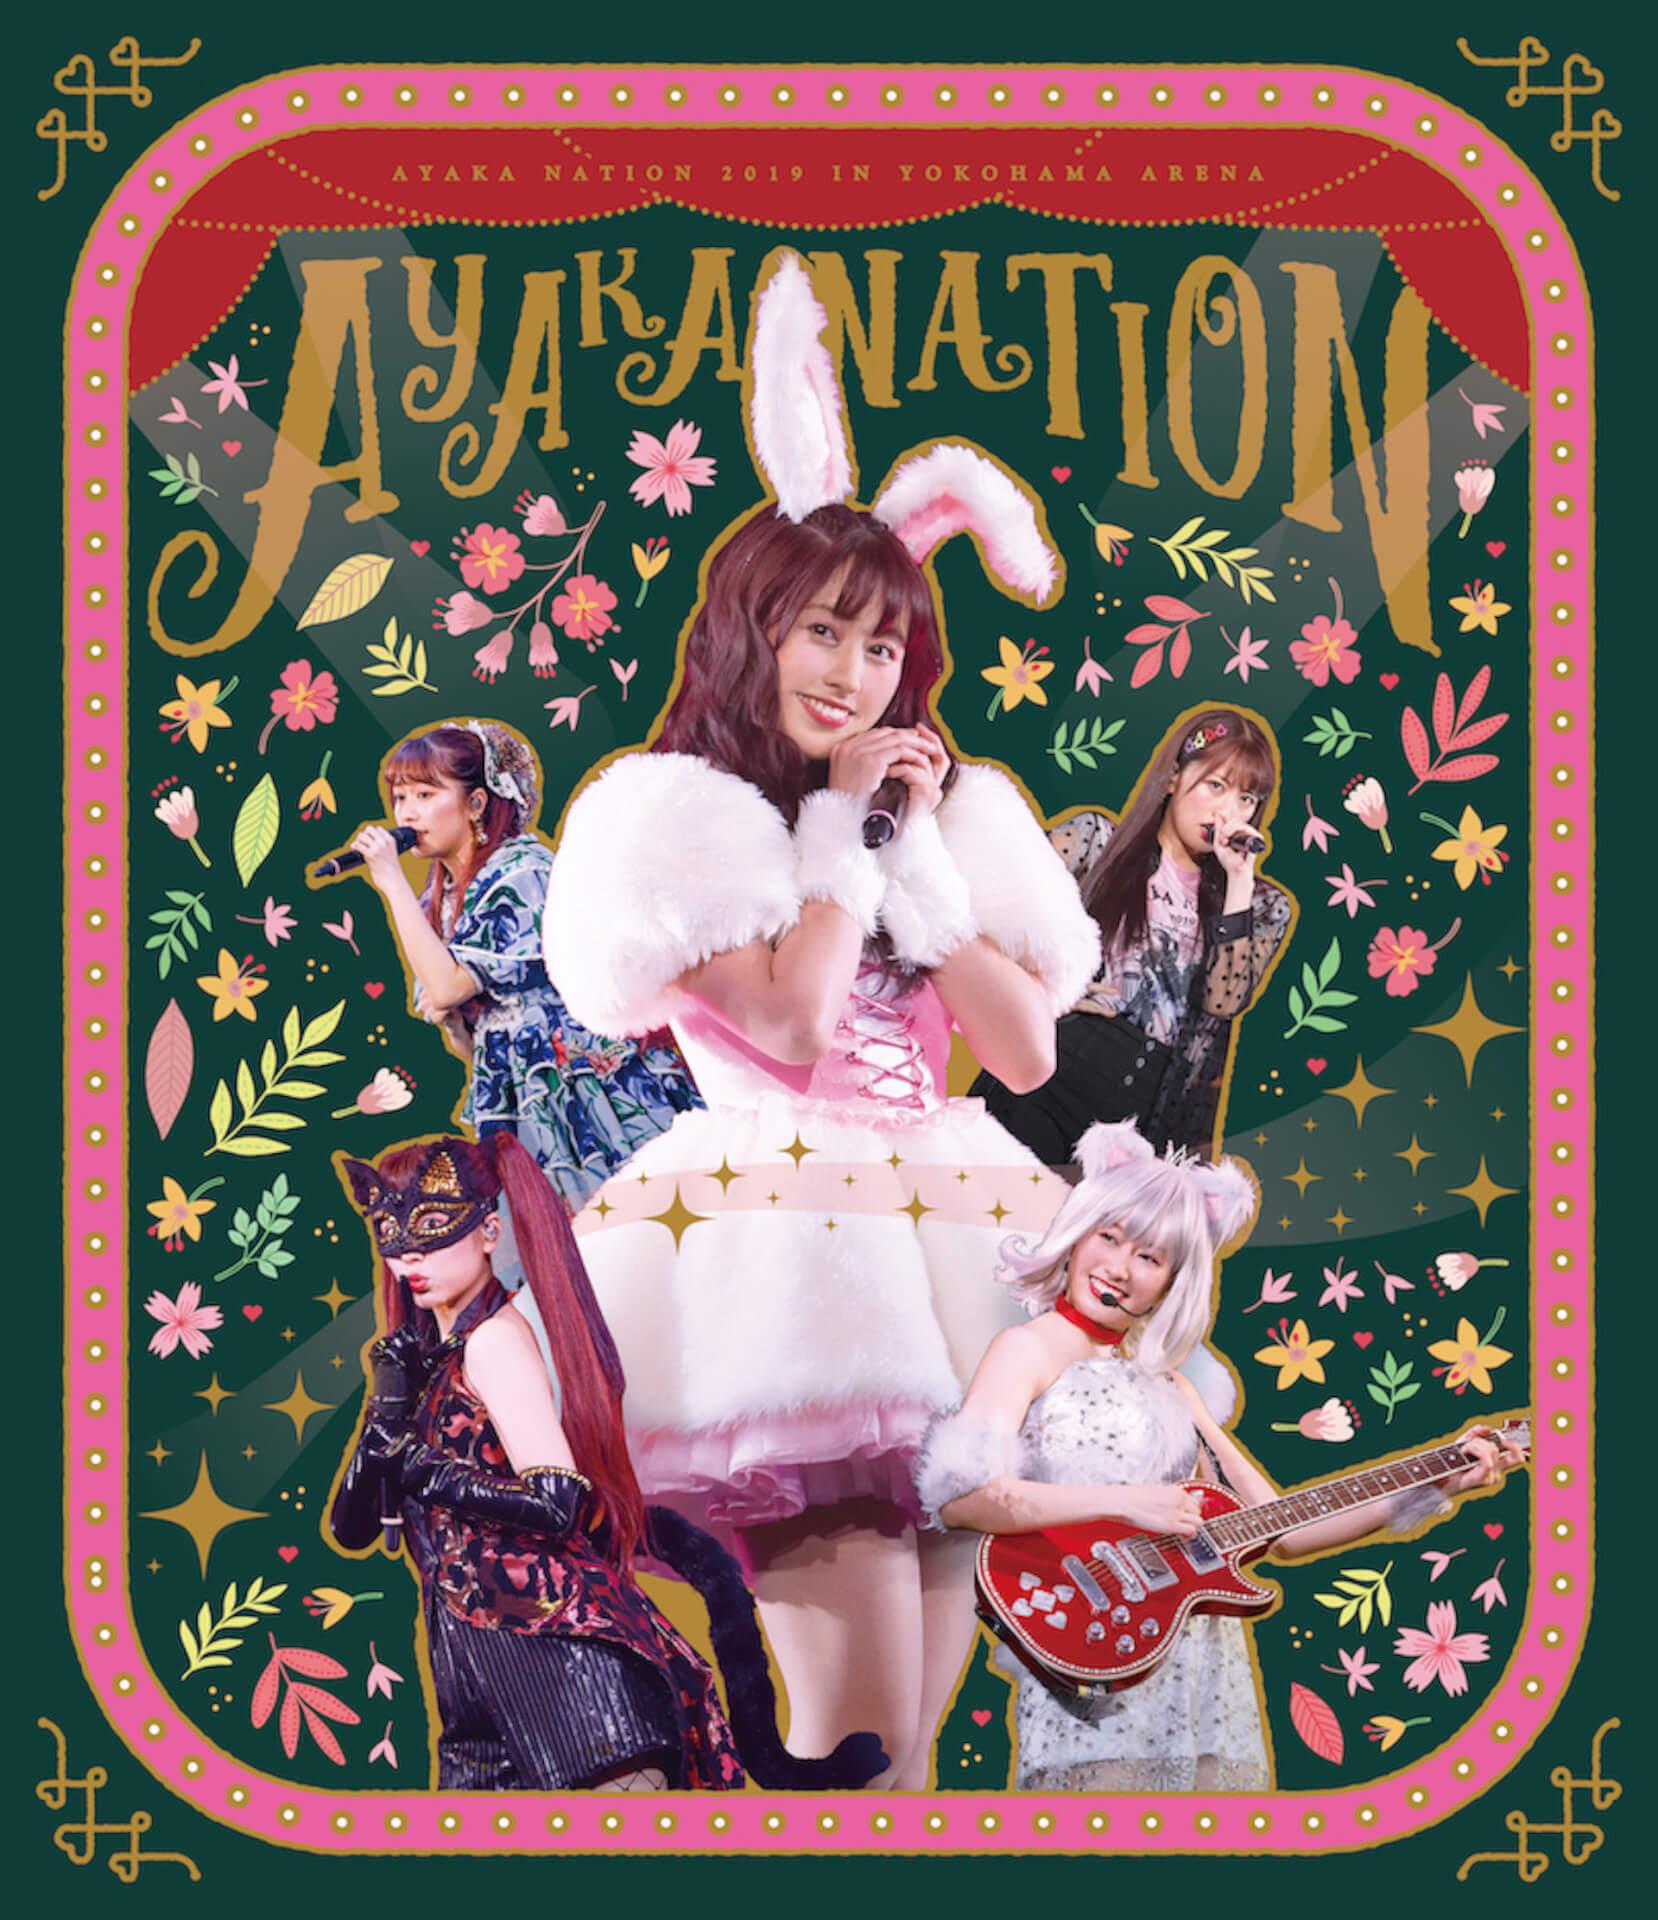 """ももクロ""""あーりん×ハードロックカフェ""""コラボが再度実現!『AYAKA NATION 2019』BD&DVD発売記念フェア開催決定 art191202_momokuro_2"""